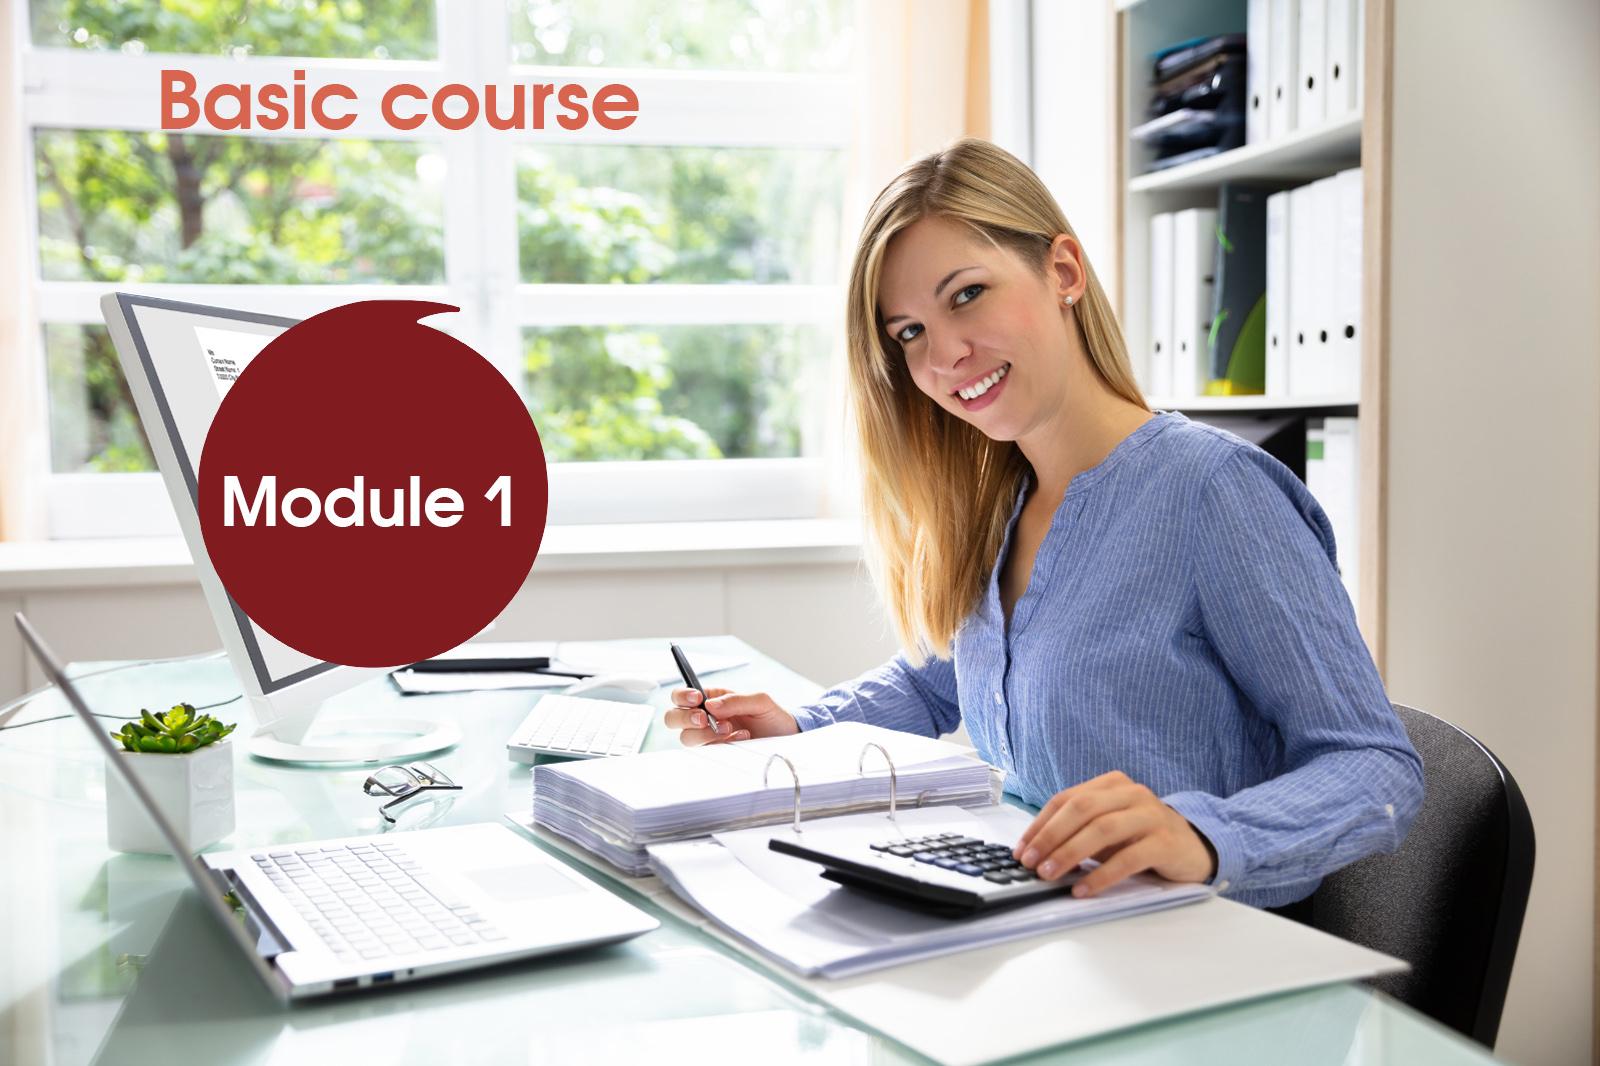 Фінансова англійська – Основний курс Модуль 1